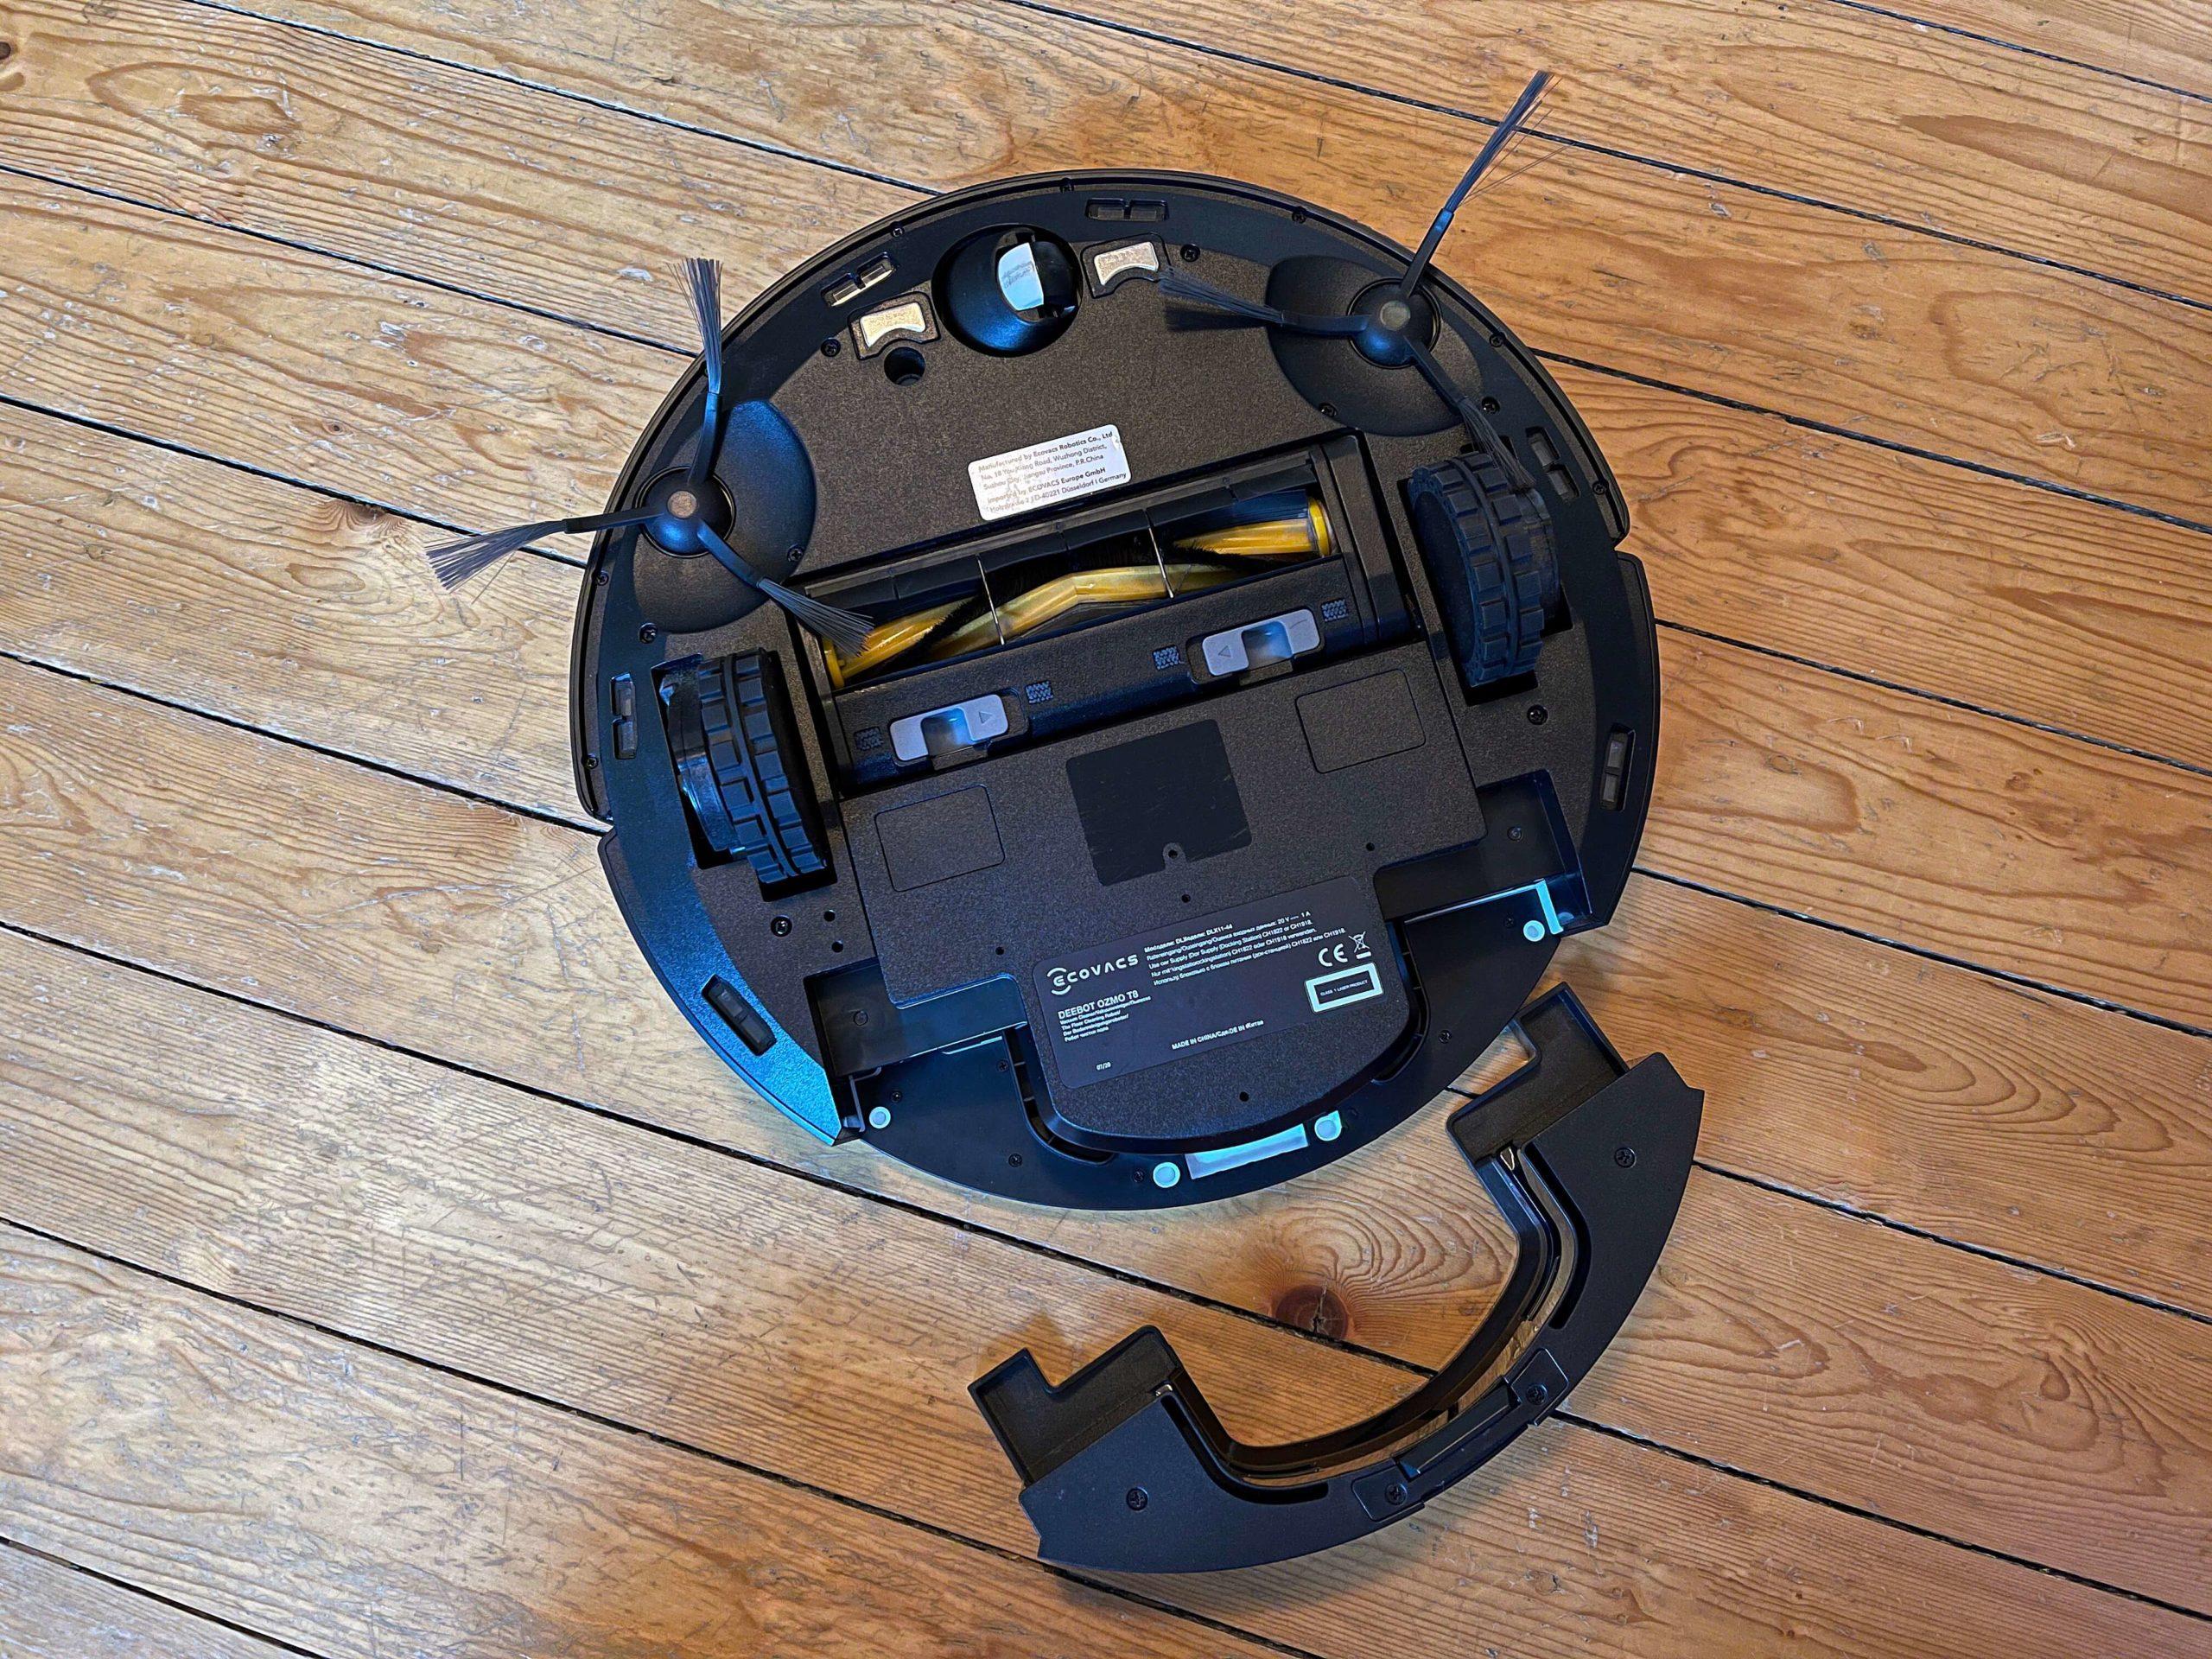 DEEBOT-OZMO-T8-Saug-Wischroboter-von-Ecovacs-–-intelligent-reinigen-lassen5-scaled DEEBOT OZMO T8 Saug- & Wischroboter von Ecovacs – intelligent reinigen lassen